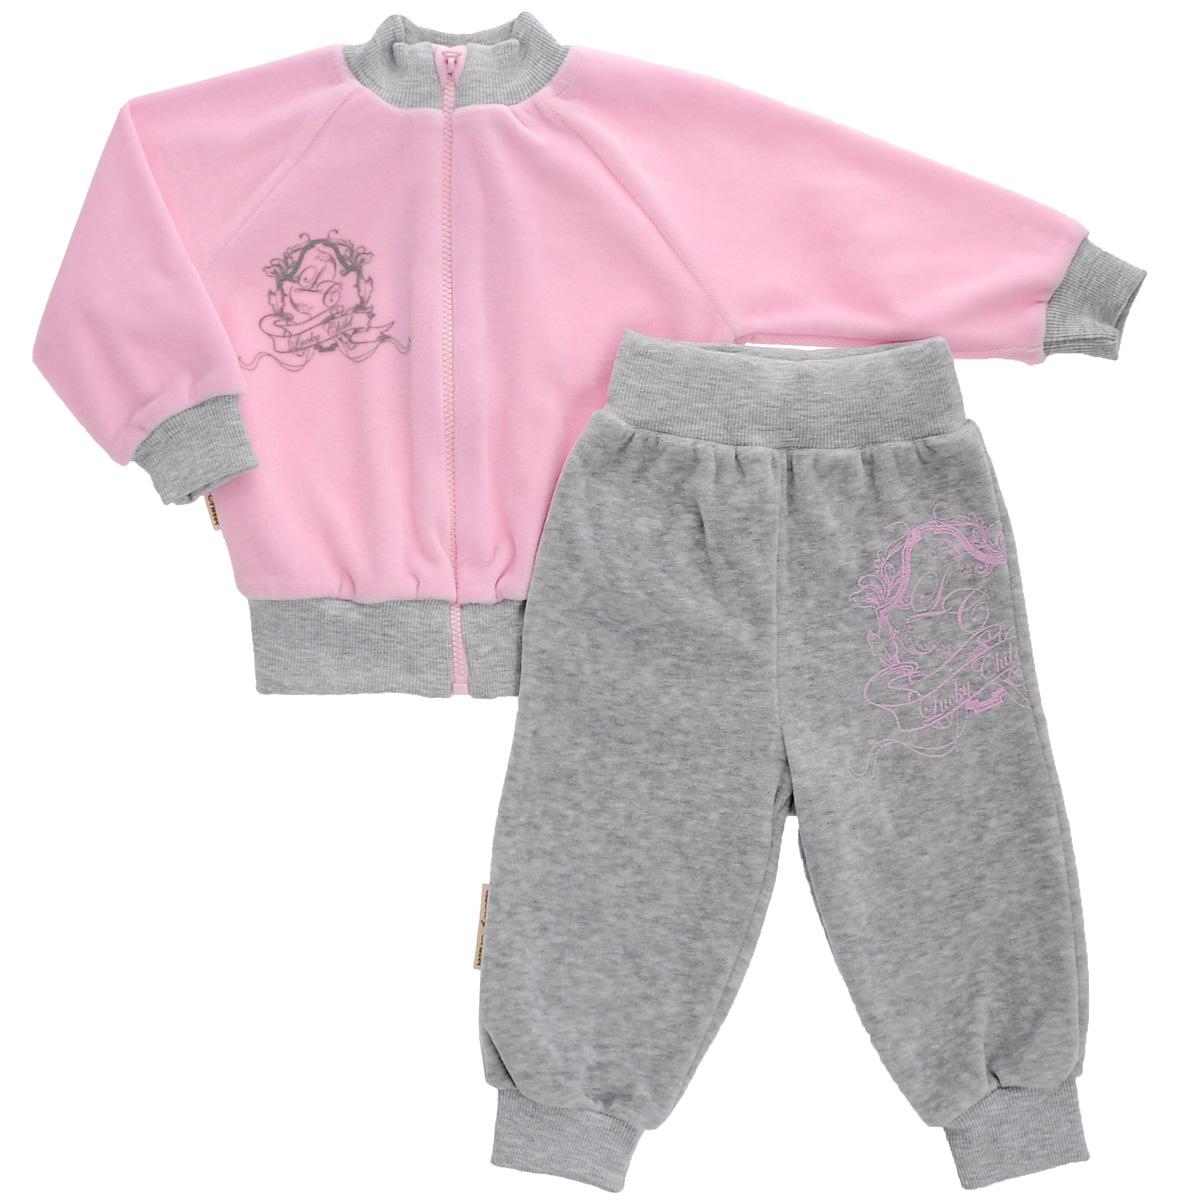 Комплект для девочки Lucky Child: толстовка, брюки, цвет: розовый, серый. 5-21. Размер 98/1045-21Детский комплект для девочки Lucky Child, состоящий из толстовки и брюк - очень удобный и практичный. Комплект выполнен из велюра, благодаря чему он необычайно мягкий и приятный на ощупь, не раздражают нежную кожу ребенка и хорошо вентилируются, а эластичные швы приятны телу малышки и не препятствуют ее движениям. Толстовка с воротником-стойкой и длинными рукавами-реглан застегивается на пластиковую застежку-молнию. Рукава дополнены широкими трикотажными манжетами, не стягивающими запястья. Понизу также проходит широкая трикотажная резинка. На груди она оформлена оригинальным принтом в виде логотипа бренда. Брюки прямого покроя на талии имеют широкую эластичную резинку, благодаря чему они не сдавливают животик ребенка и не сползают. Понизу штанины дополнены широкими трикотажными манжетами. Спереди брюки декорированы таким же рисунком, как на толстовке. Оригинальный дизайн и модная расцветка делают этот комплект незаменимым предметом детского гардероба. В нем ваш ребенок всегда будет в центре внимания!